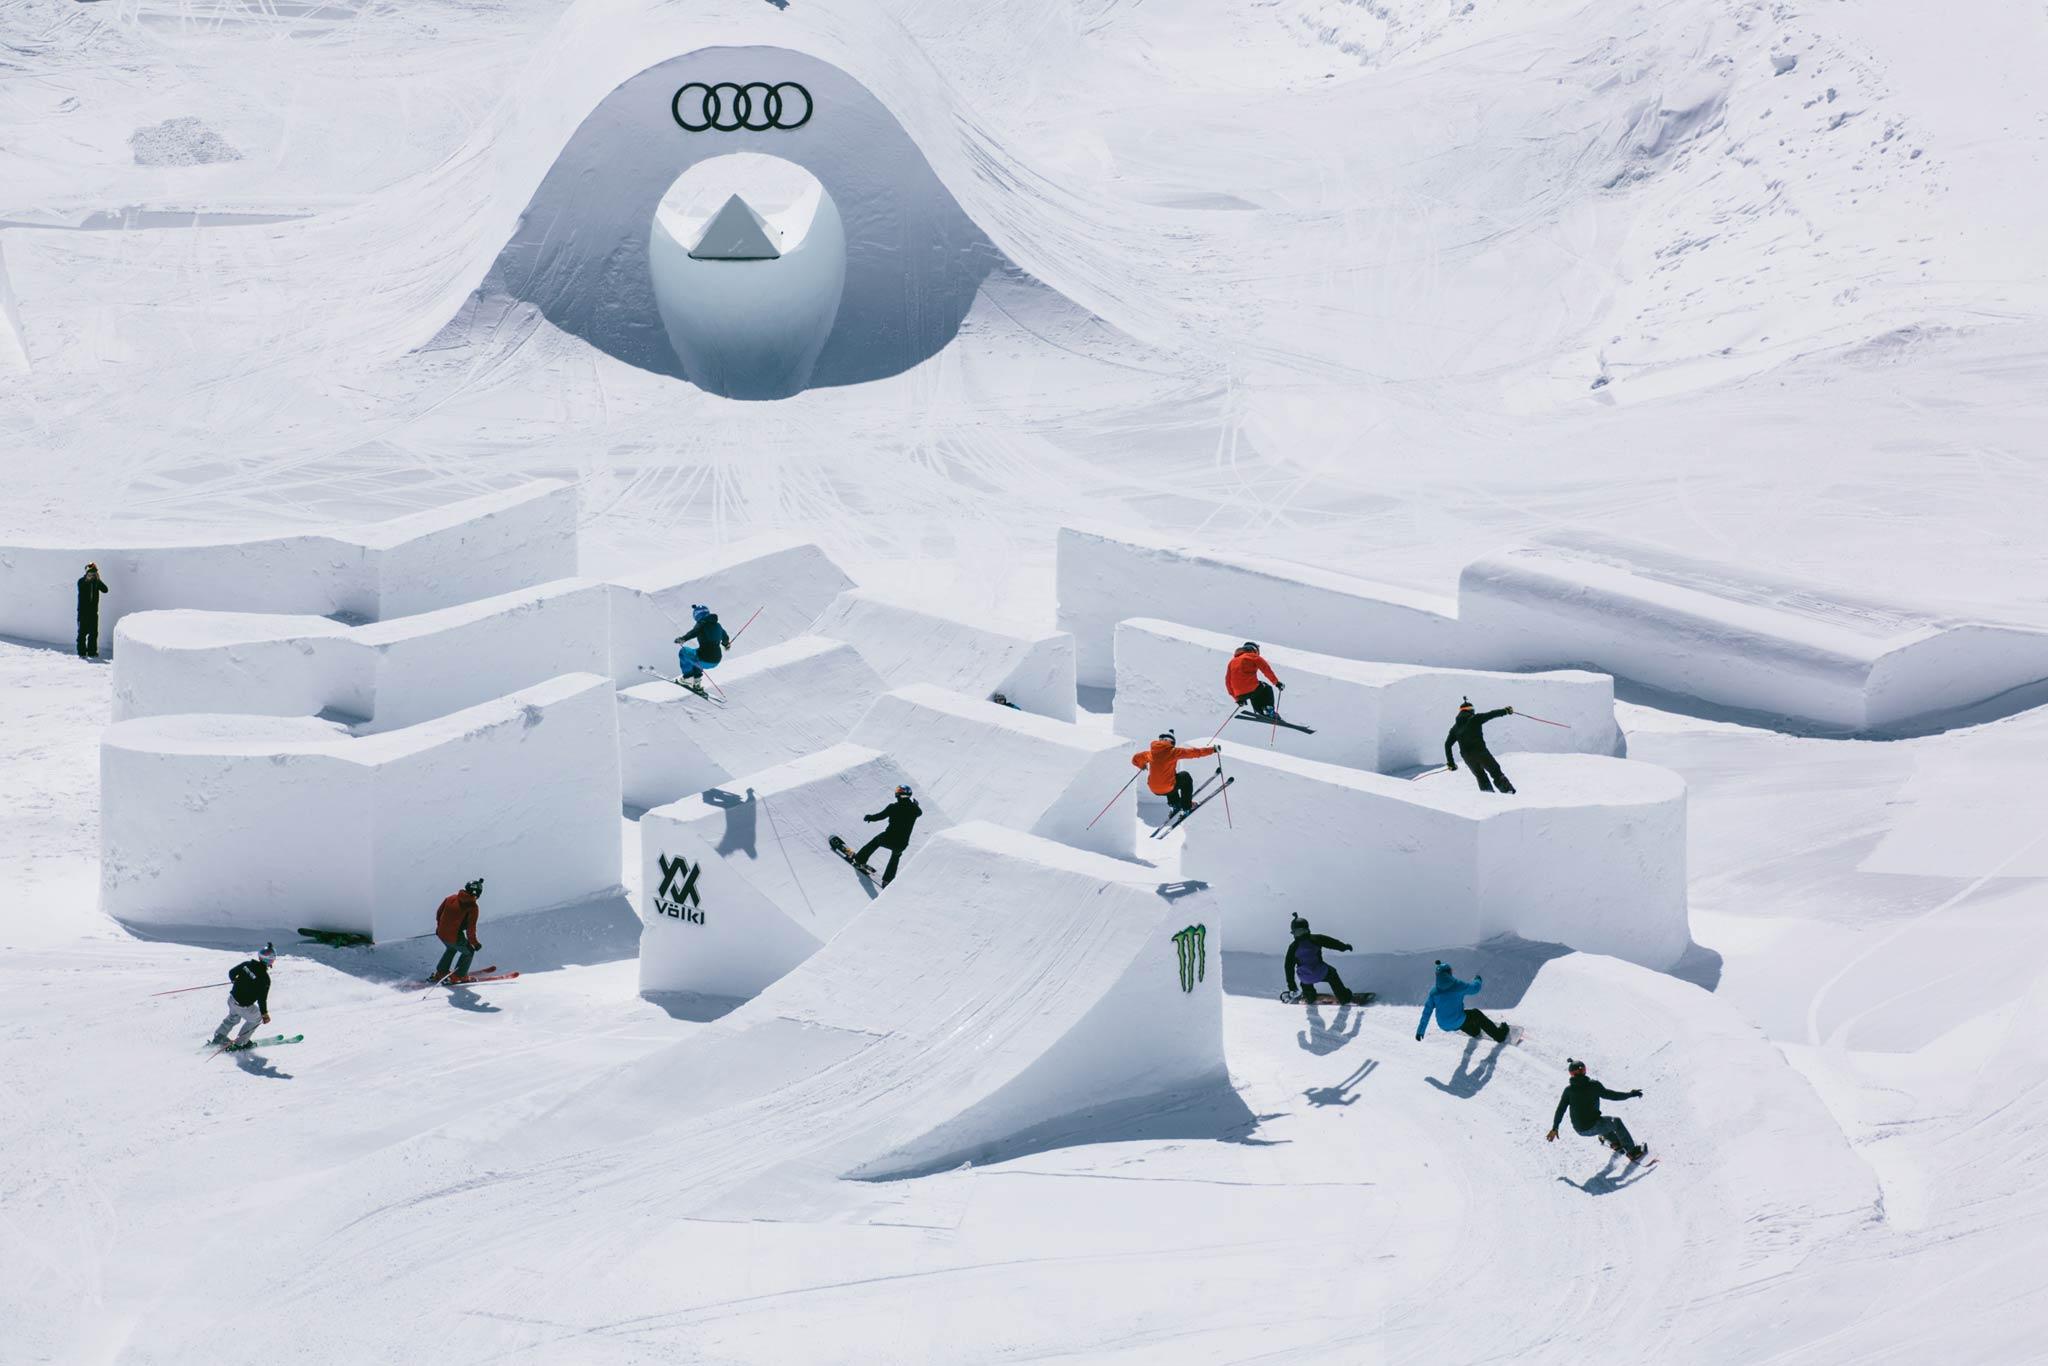 Seit 2013 sind auch die Snowboarder bei dem Event mit dabei - Foto: Distillery / David Malacrida